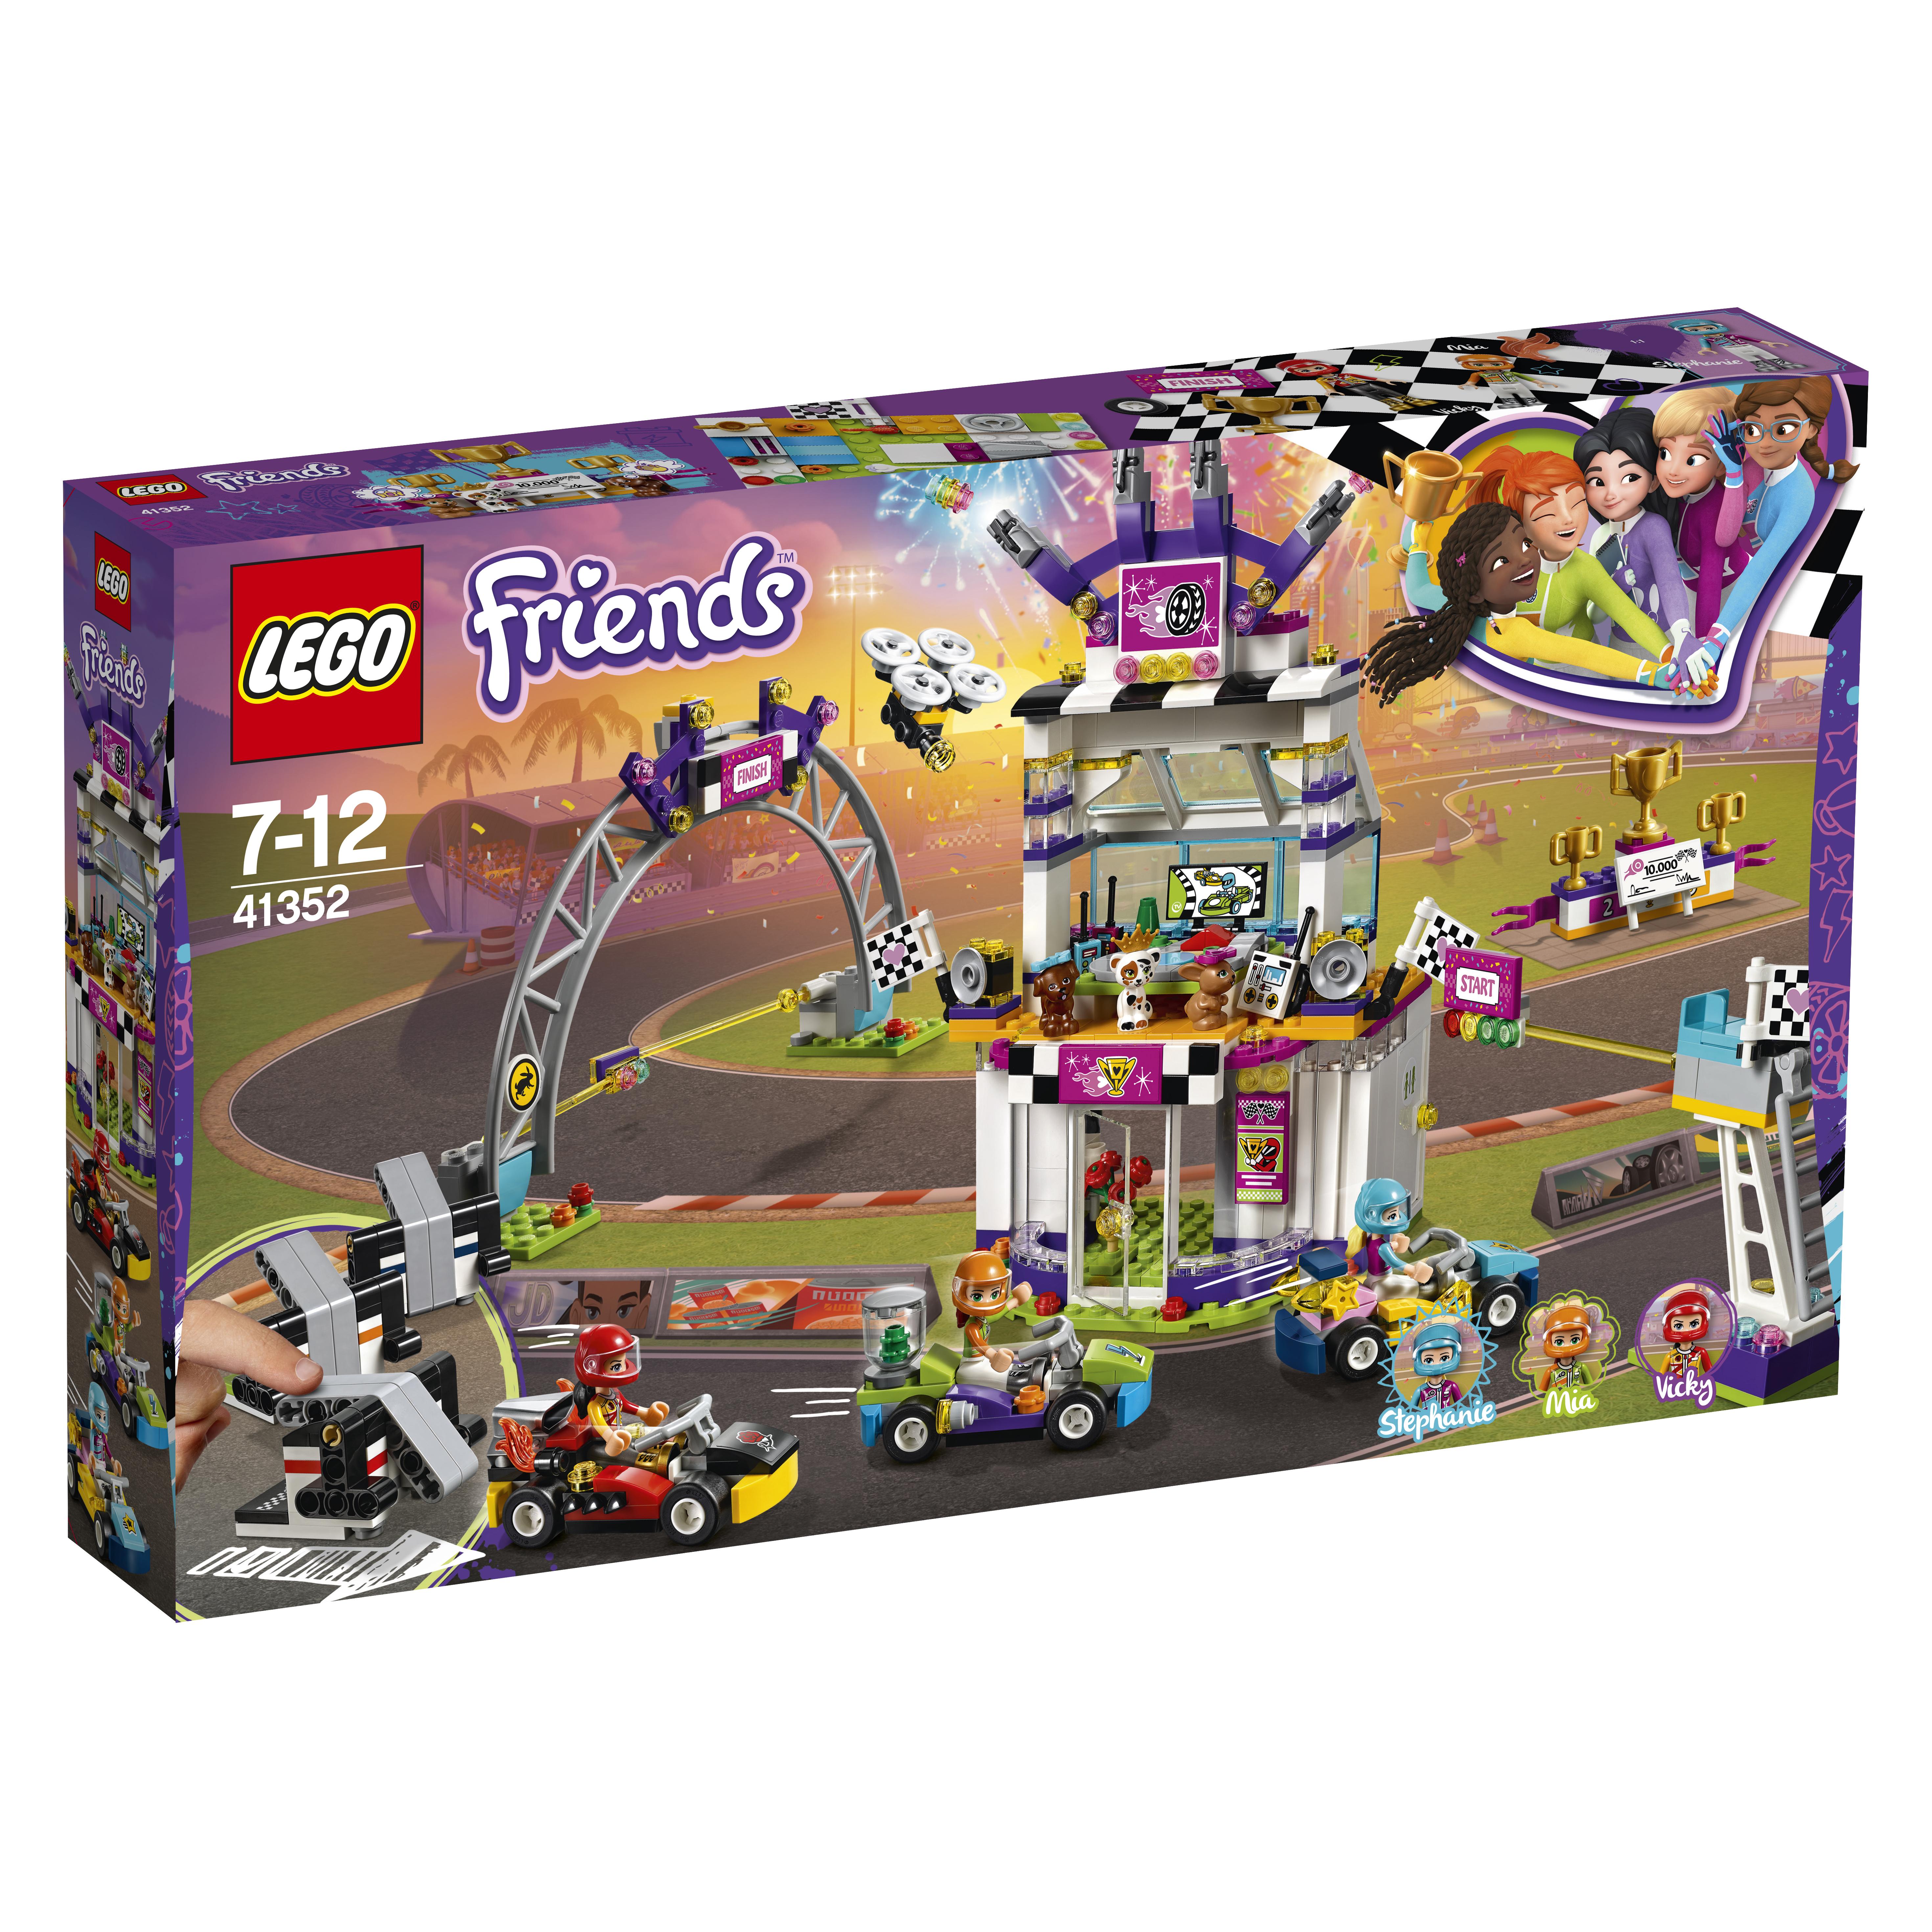 LEGO LEGO Конструктор LEGO Friends 41352 Большая гонка конструктор ausini гонка формула чемпионов спорткар 170дет